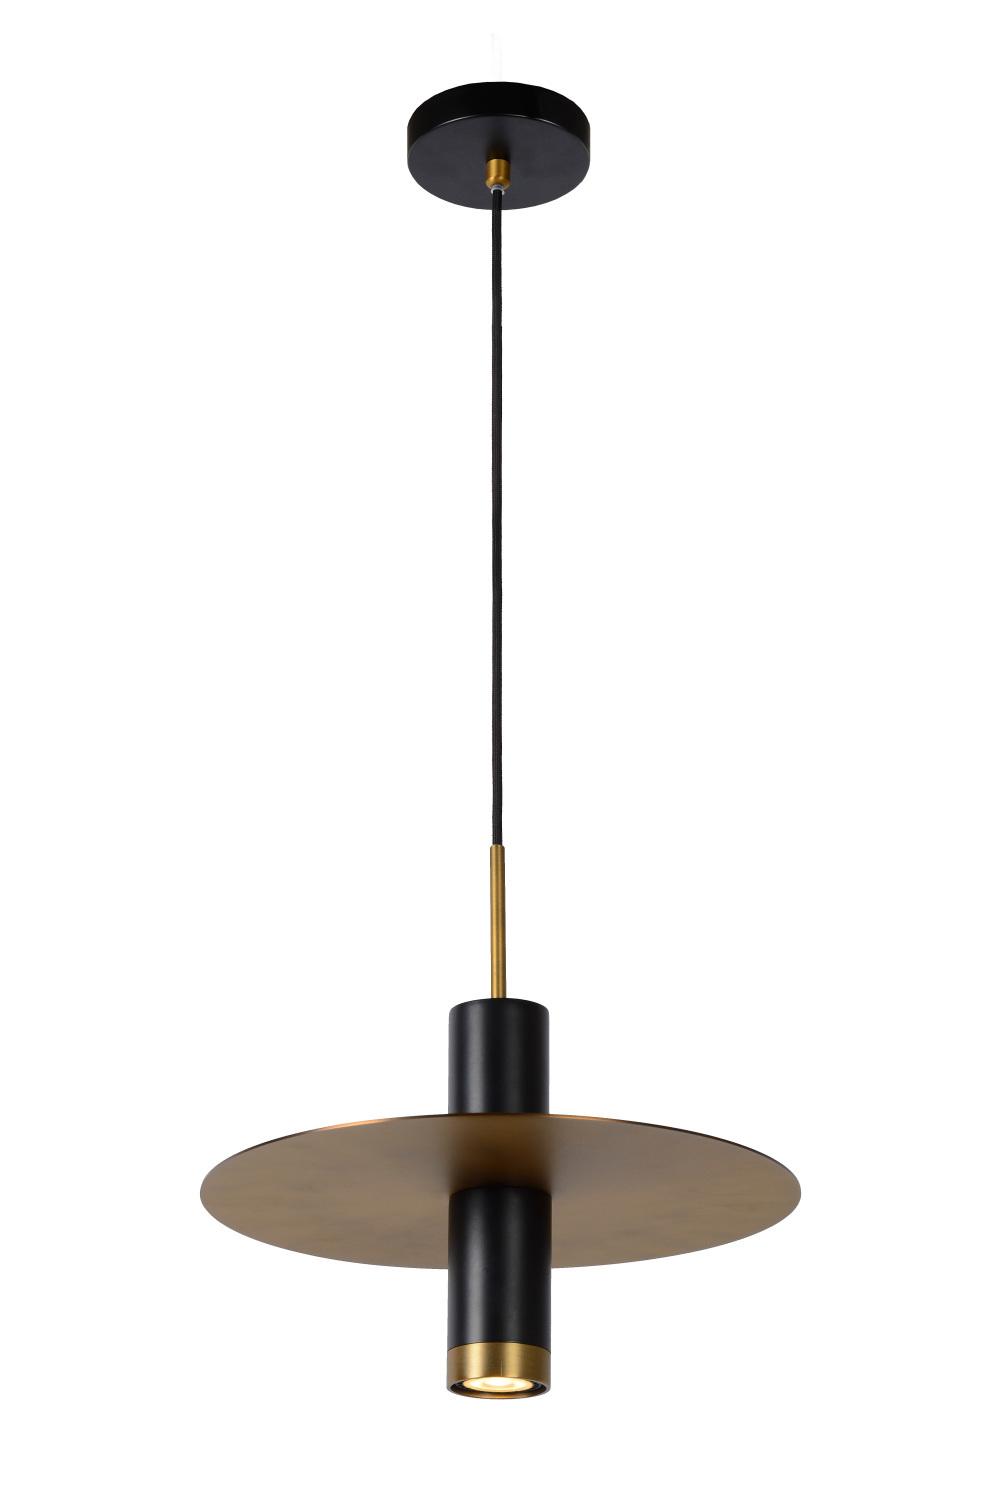 Lucide SELIN Hanglamp 1x GU10/35W Zwart/ mat geelkoper